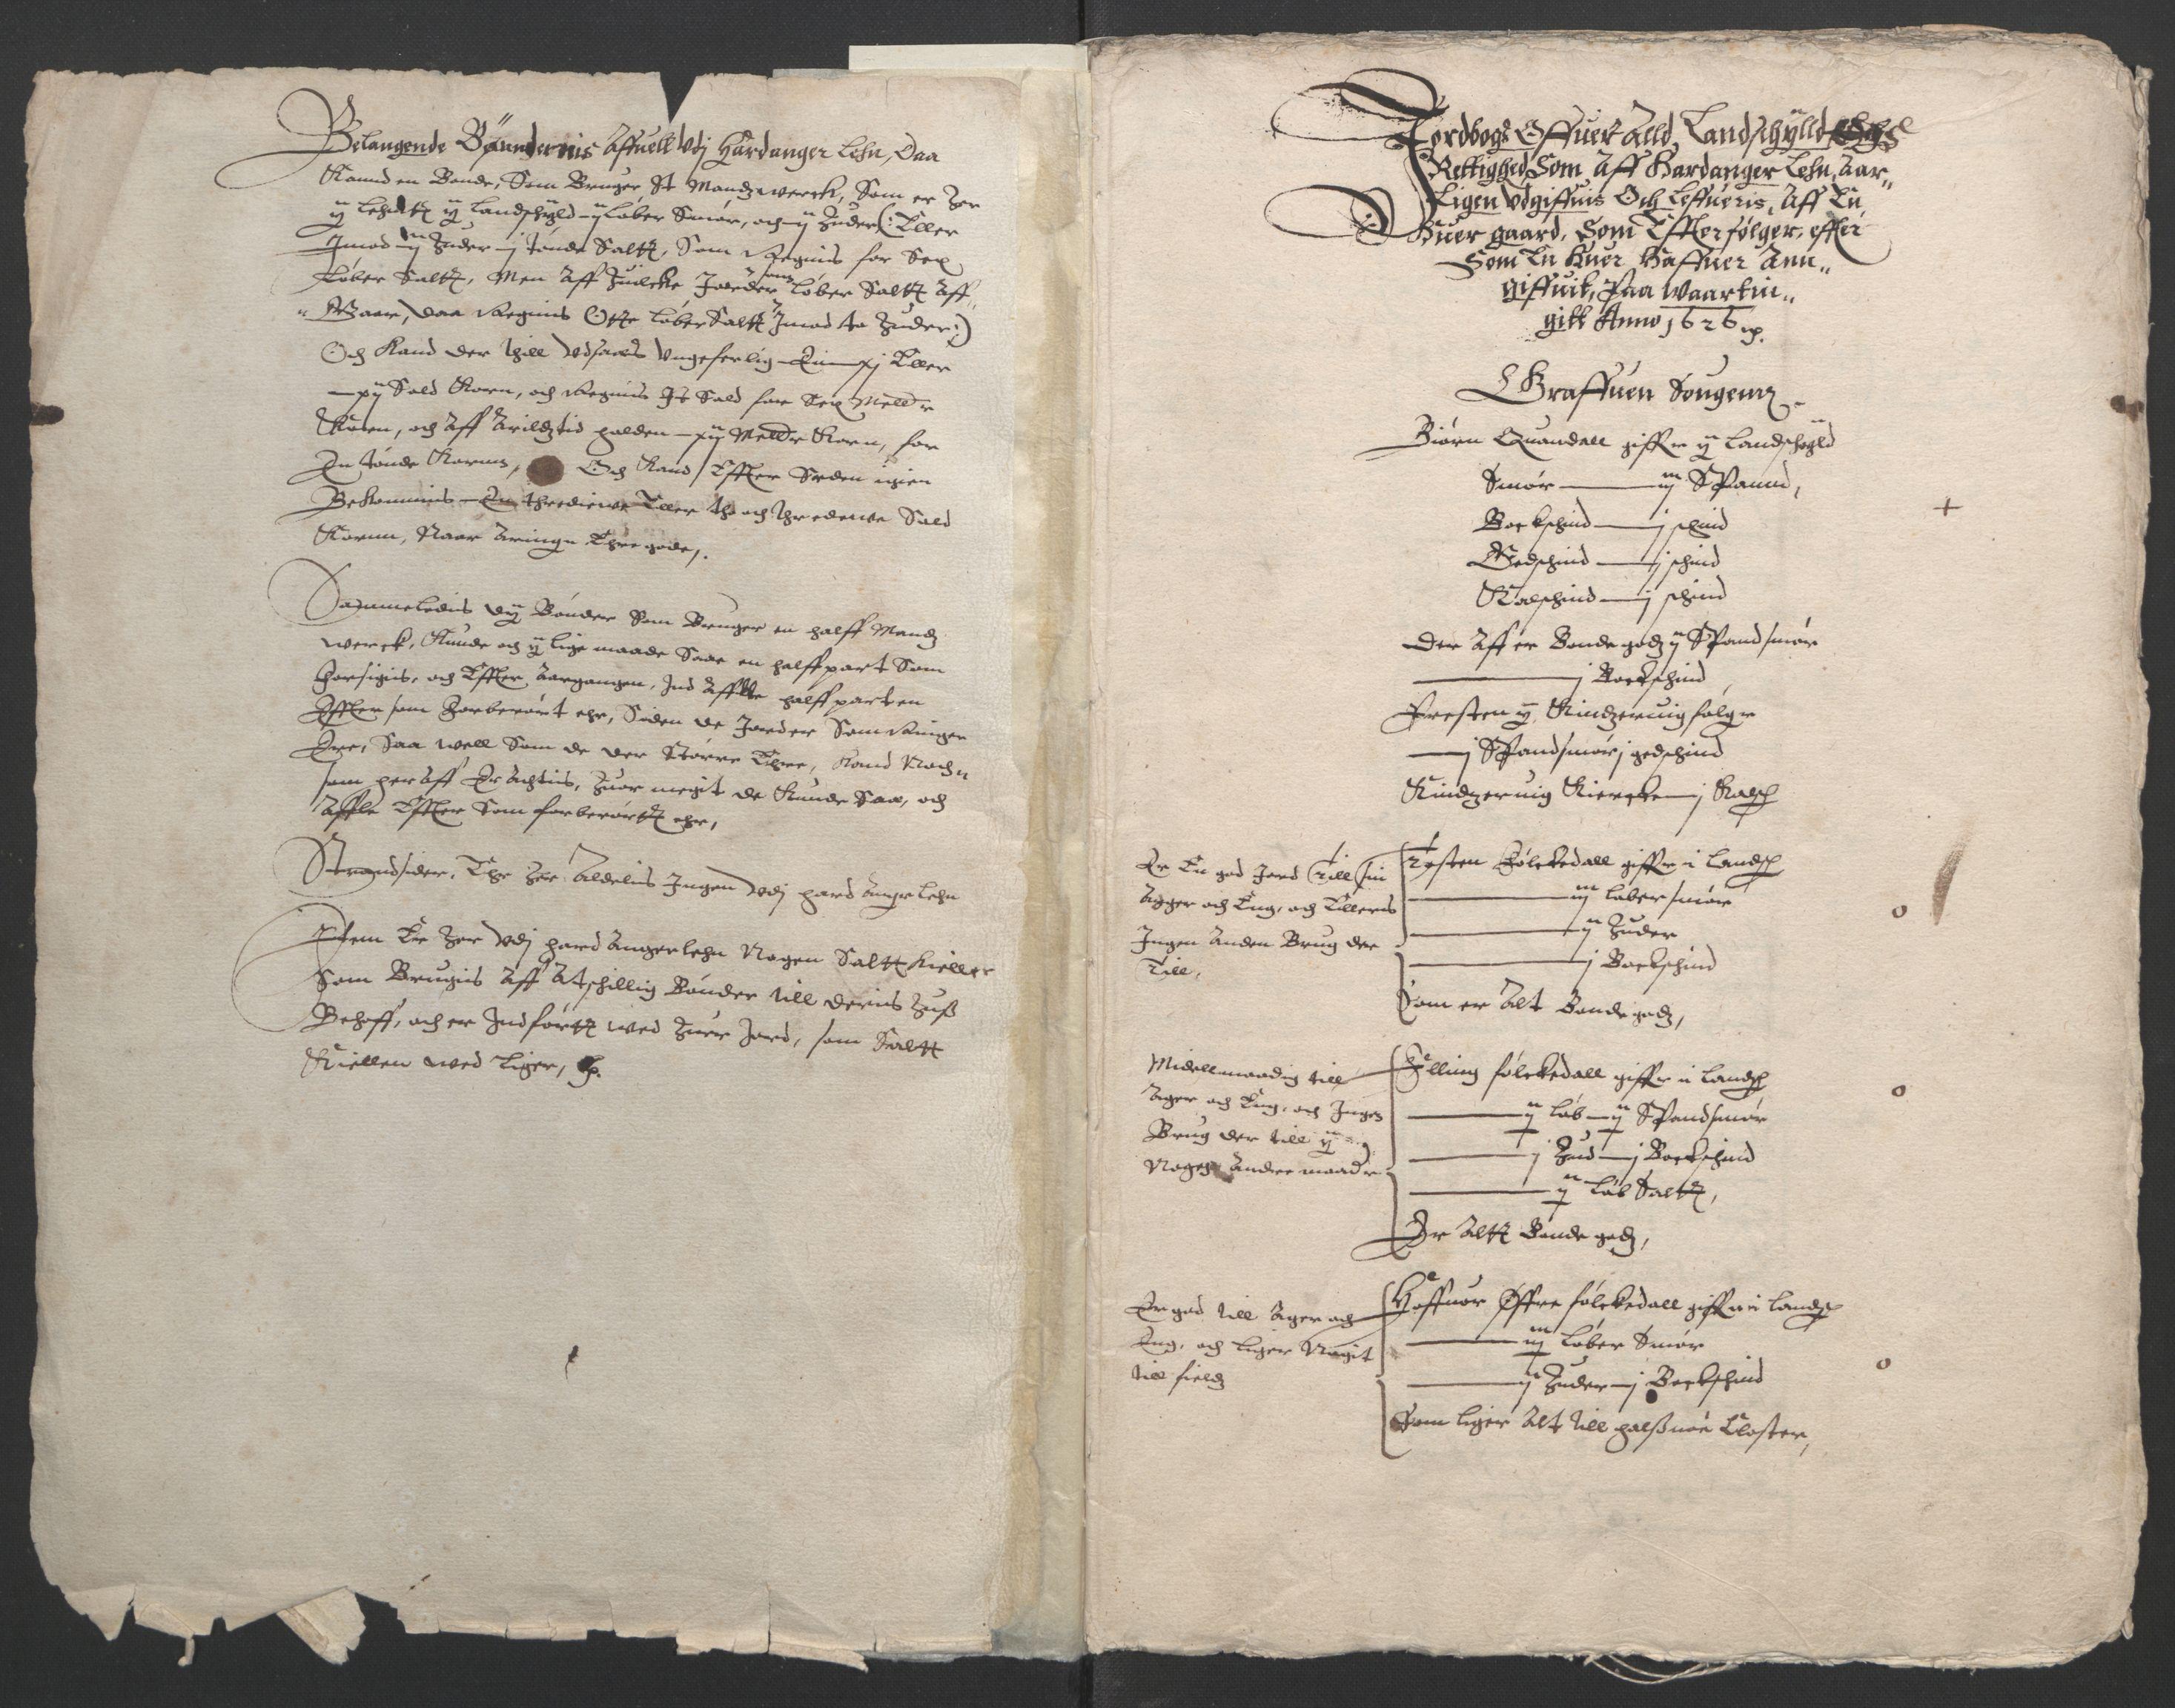 RA, Stattholderembetet 1572-1771, Ek/L0004: Jordebøker til utlikning av garnisonsskatt 1624-1626:, 1626, s. 230